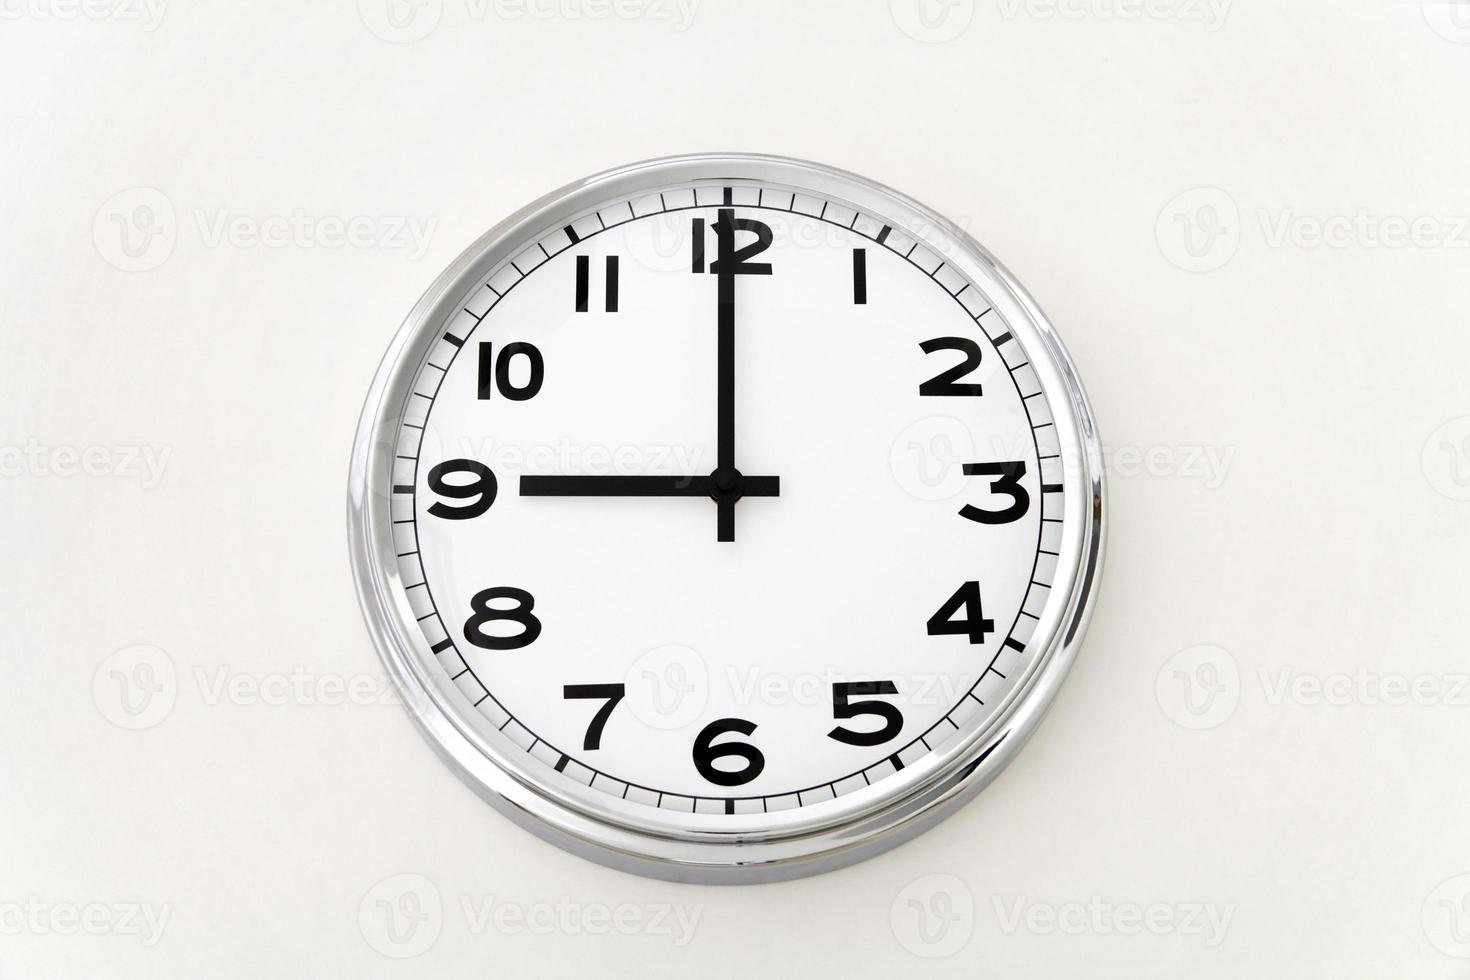 orologio da parete, misurazione del tempo, da vicino foto